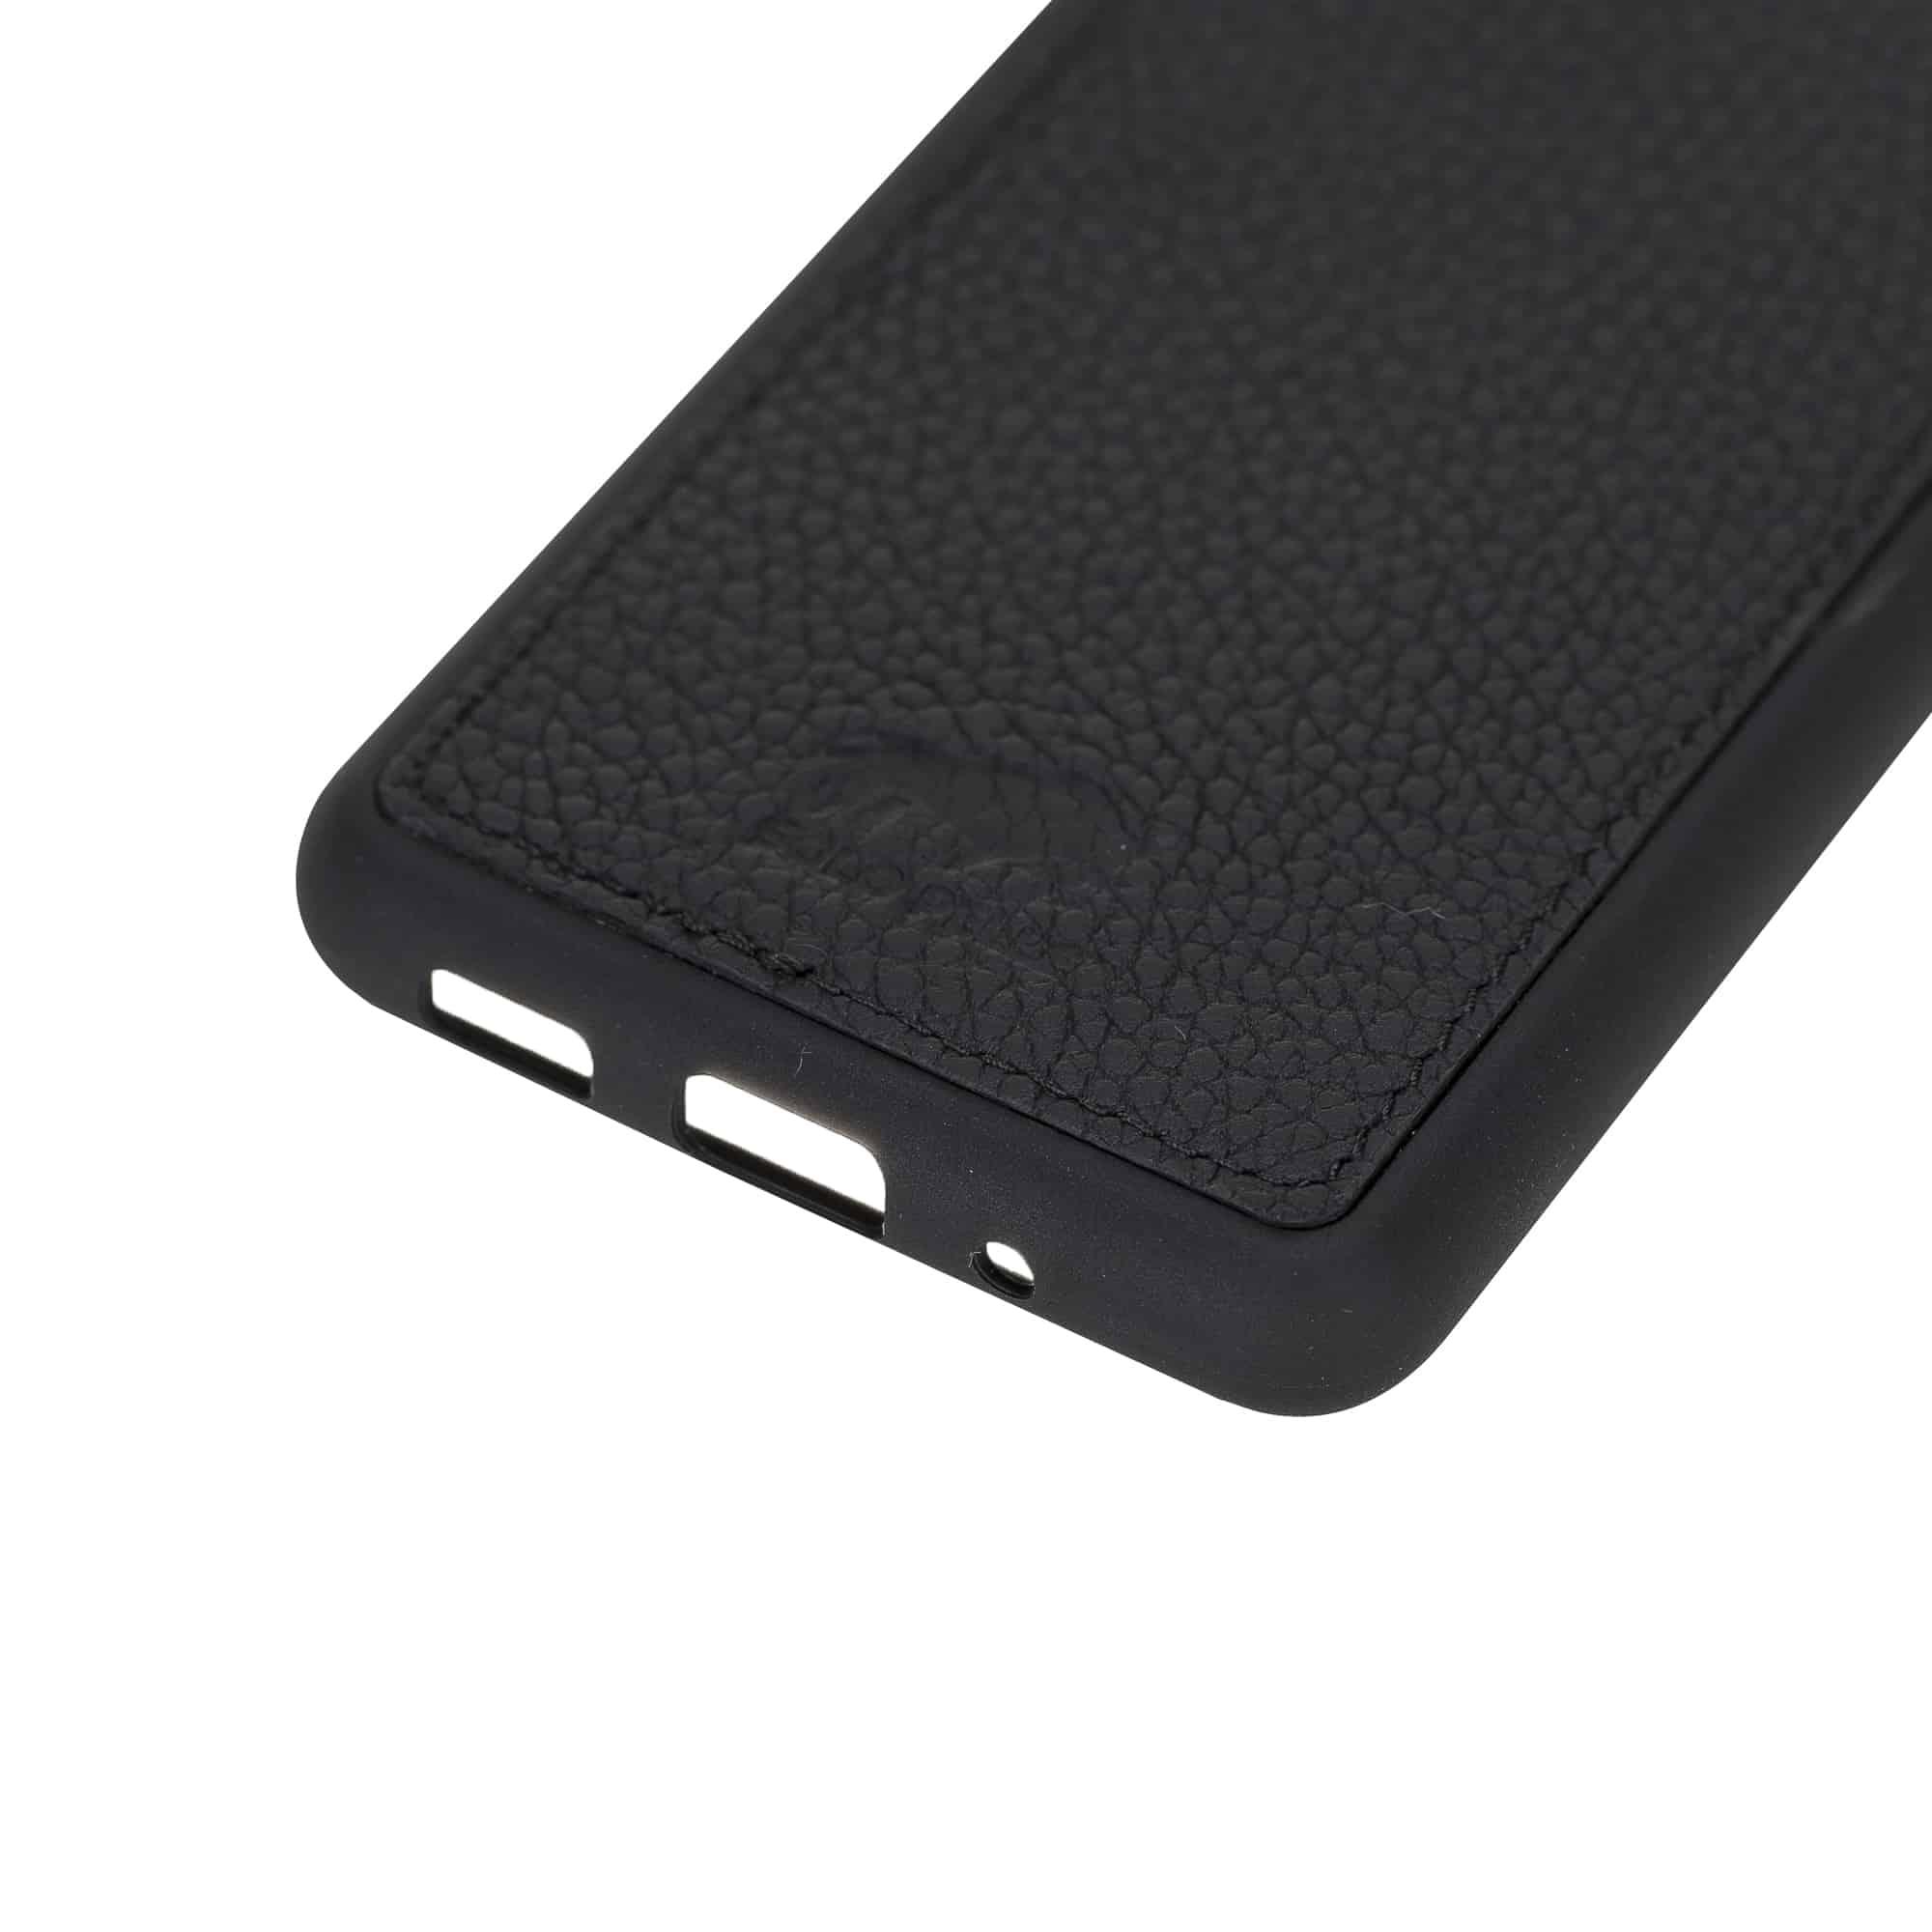 Solo Pelle Lederhülle für das Samsung Galaxy Note20   Note 20 Hülle aus echtem Leder, Model: Stanford (Matt Schwarz)